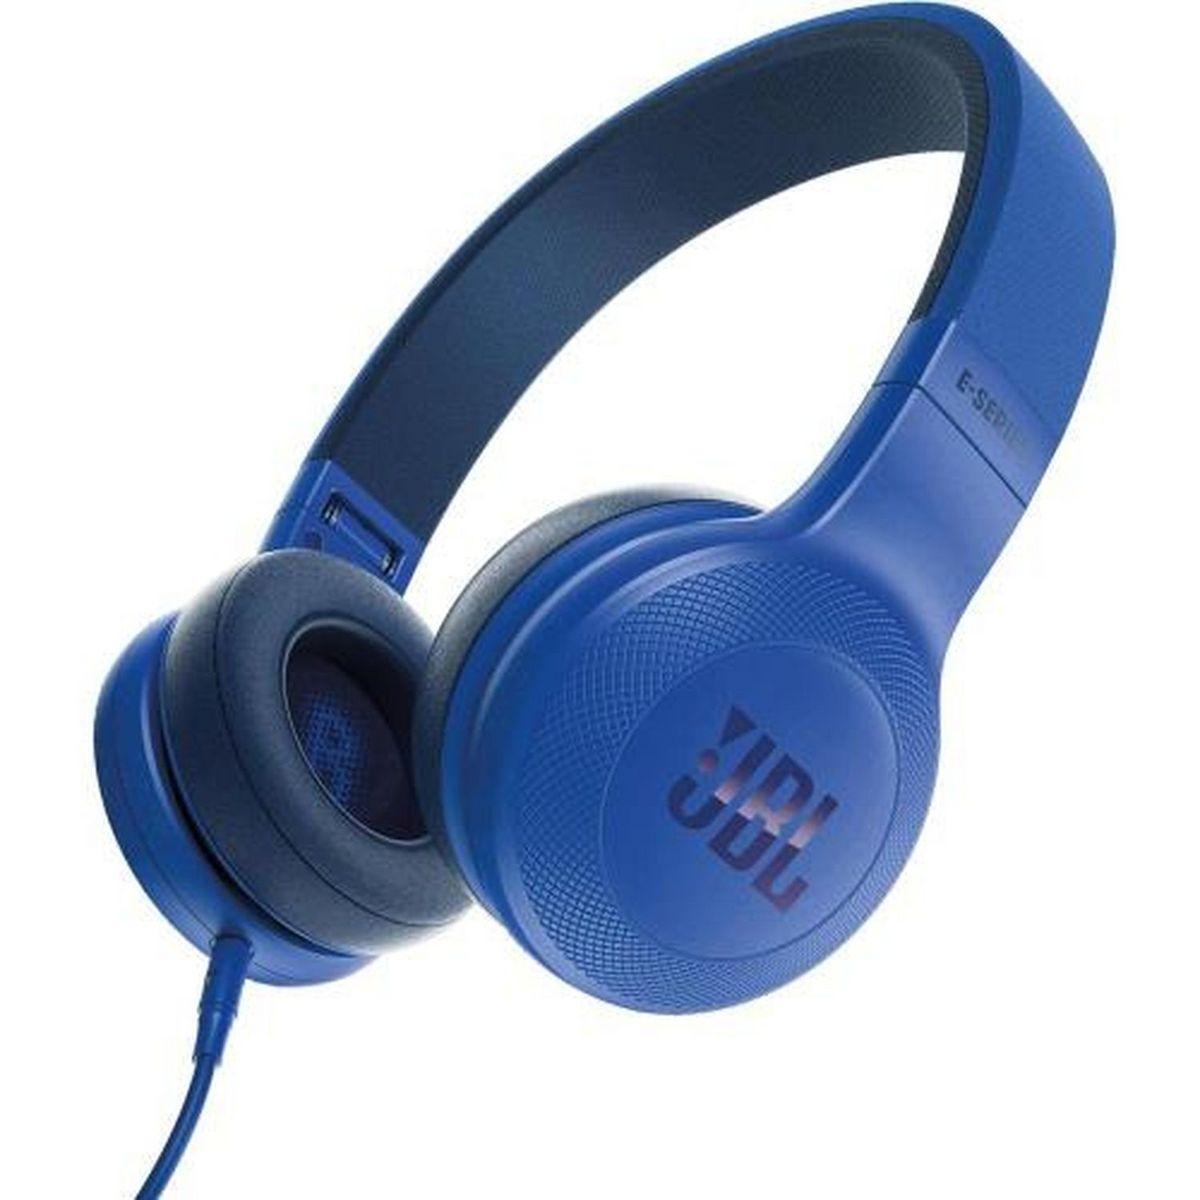 Casque audio filaire - Bleu - E35